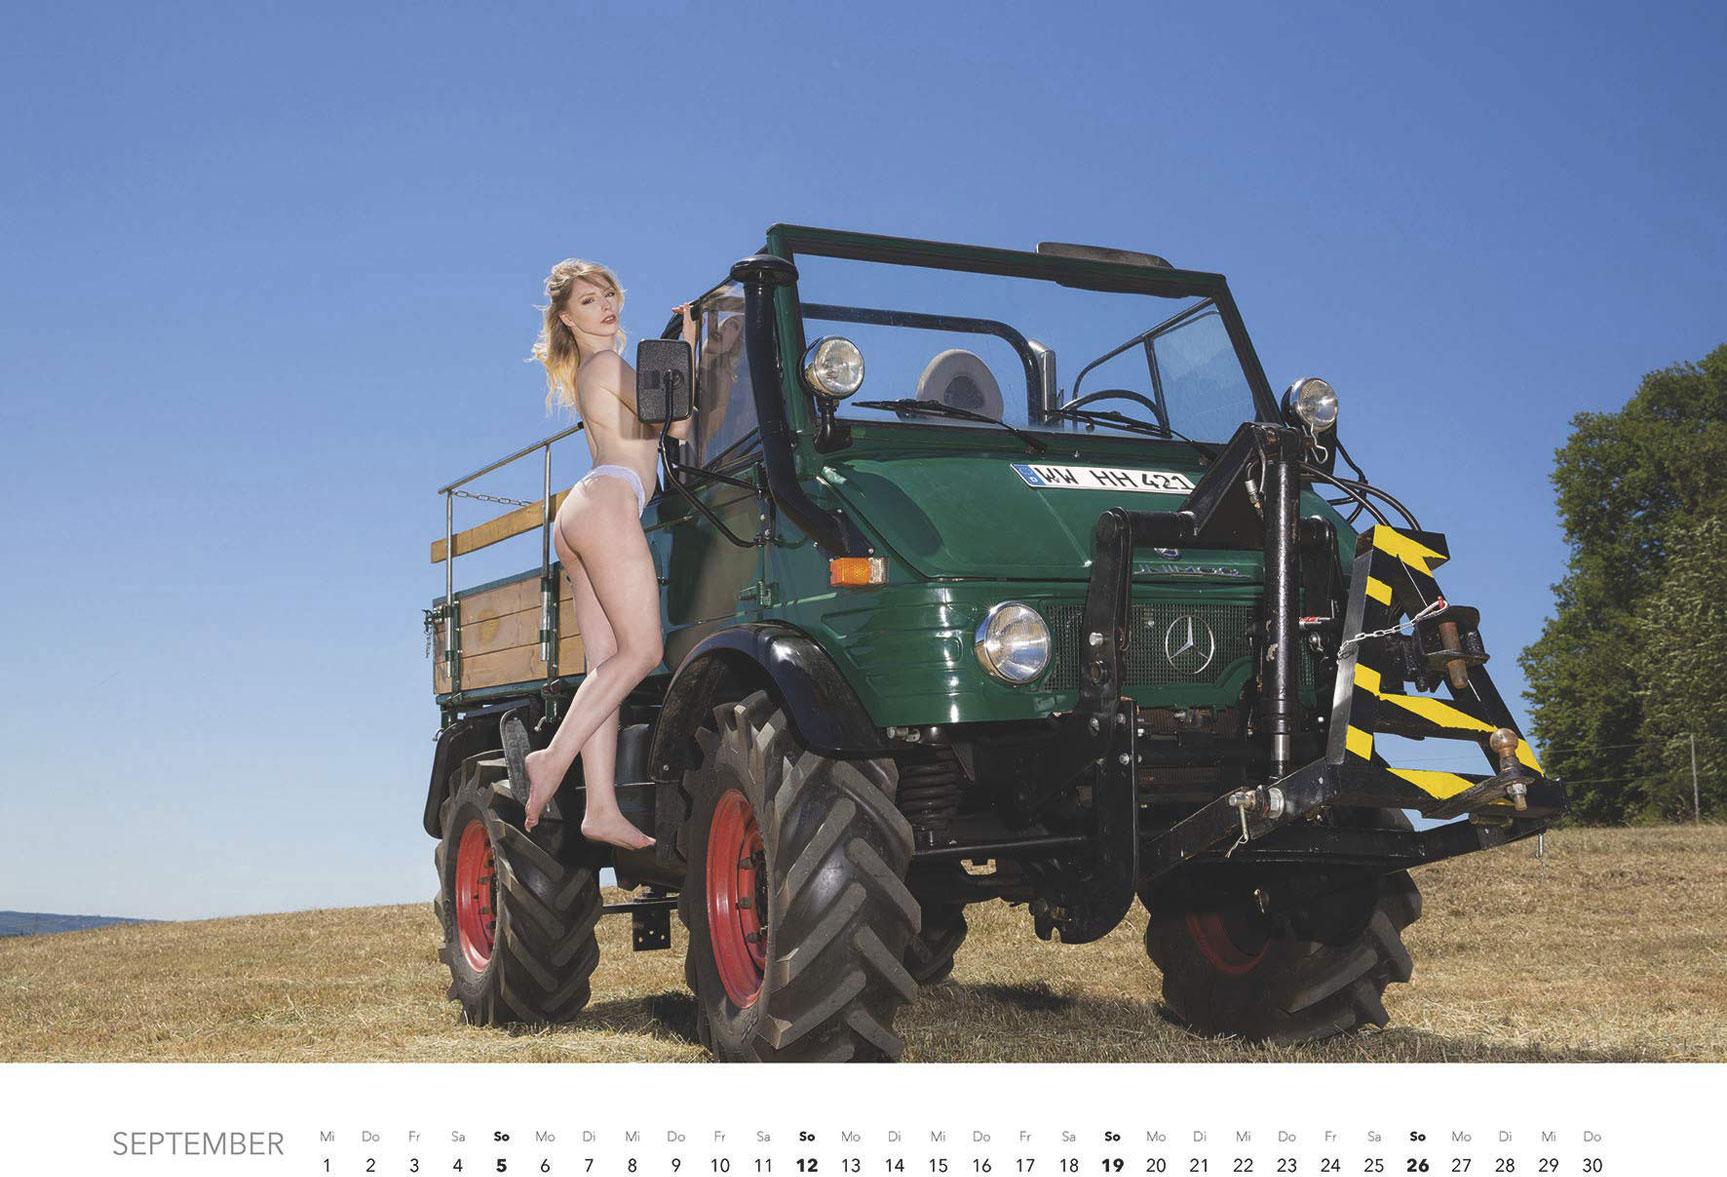 Эротический календарь -Мечты молодых фермеров 2021- / сентябрь